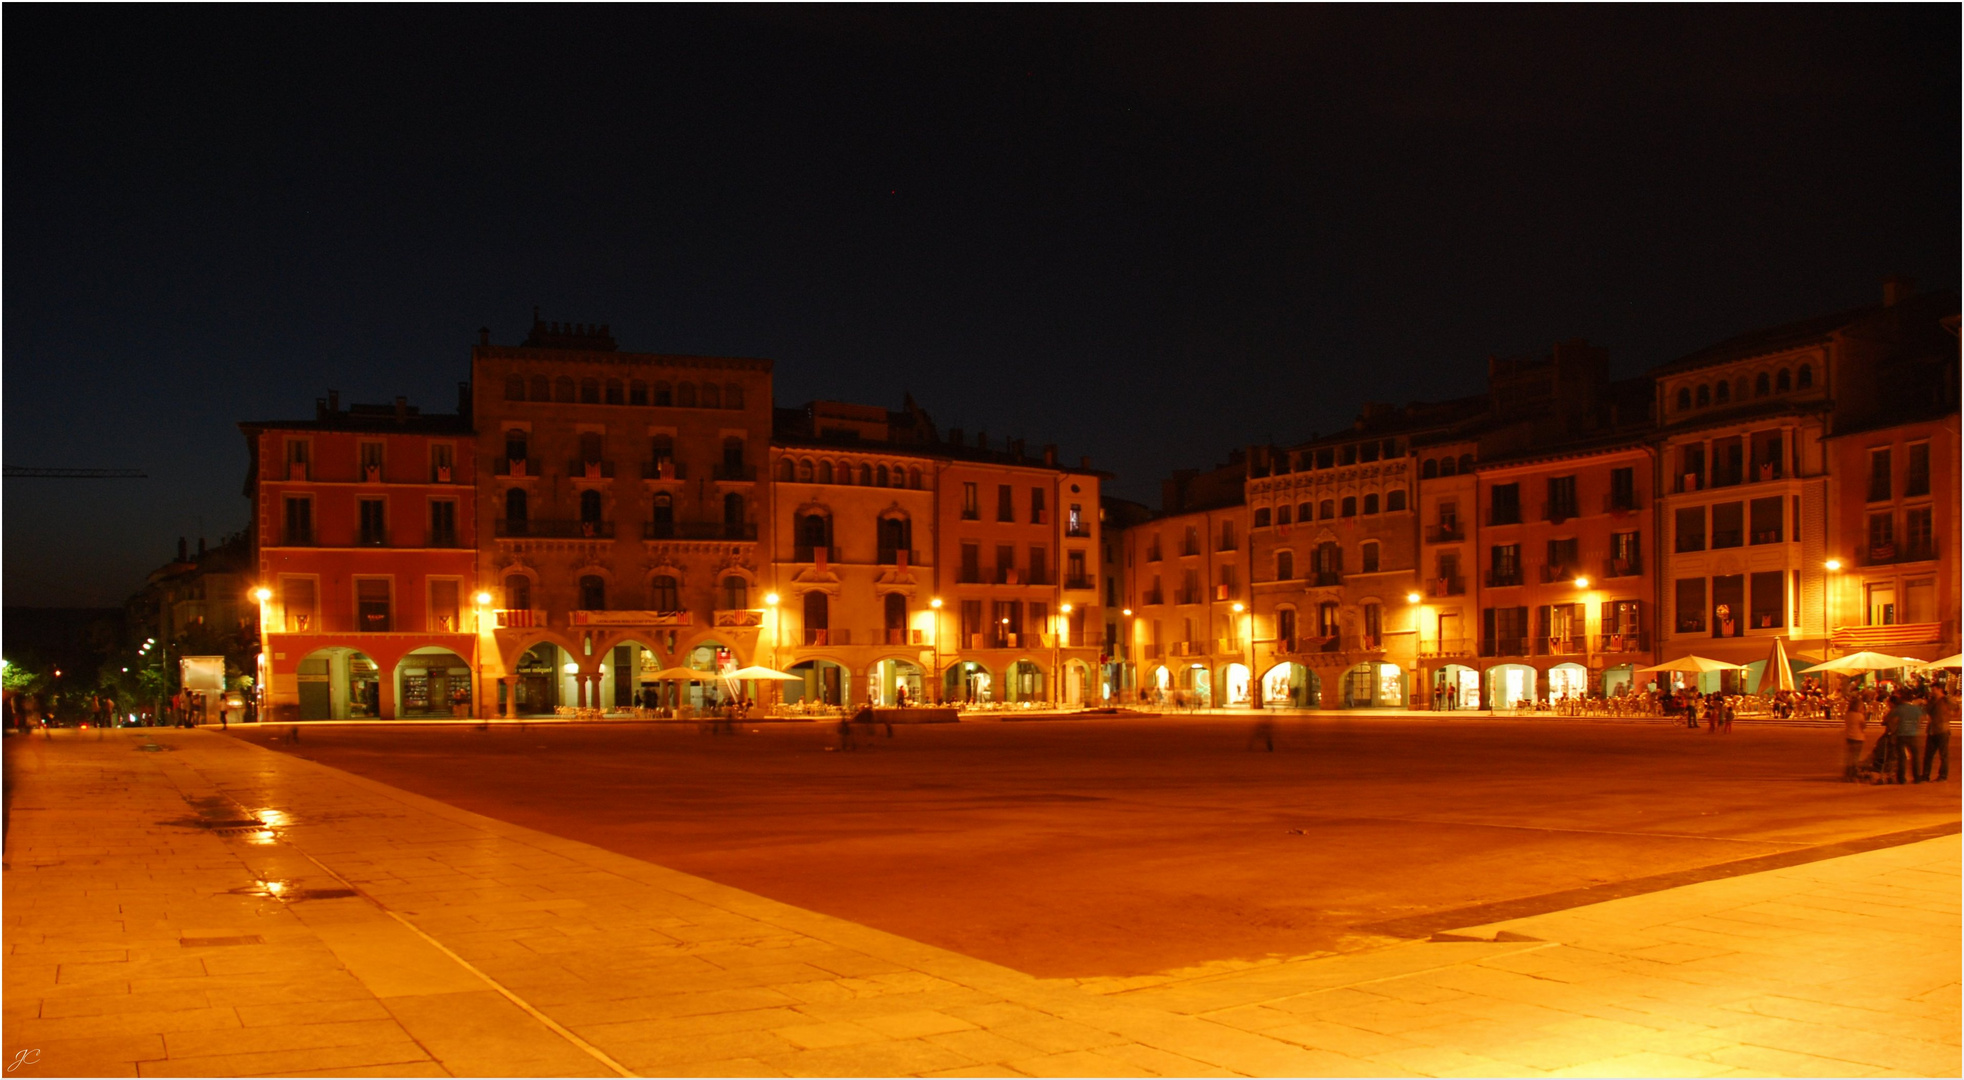 Abends am Markplatz